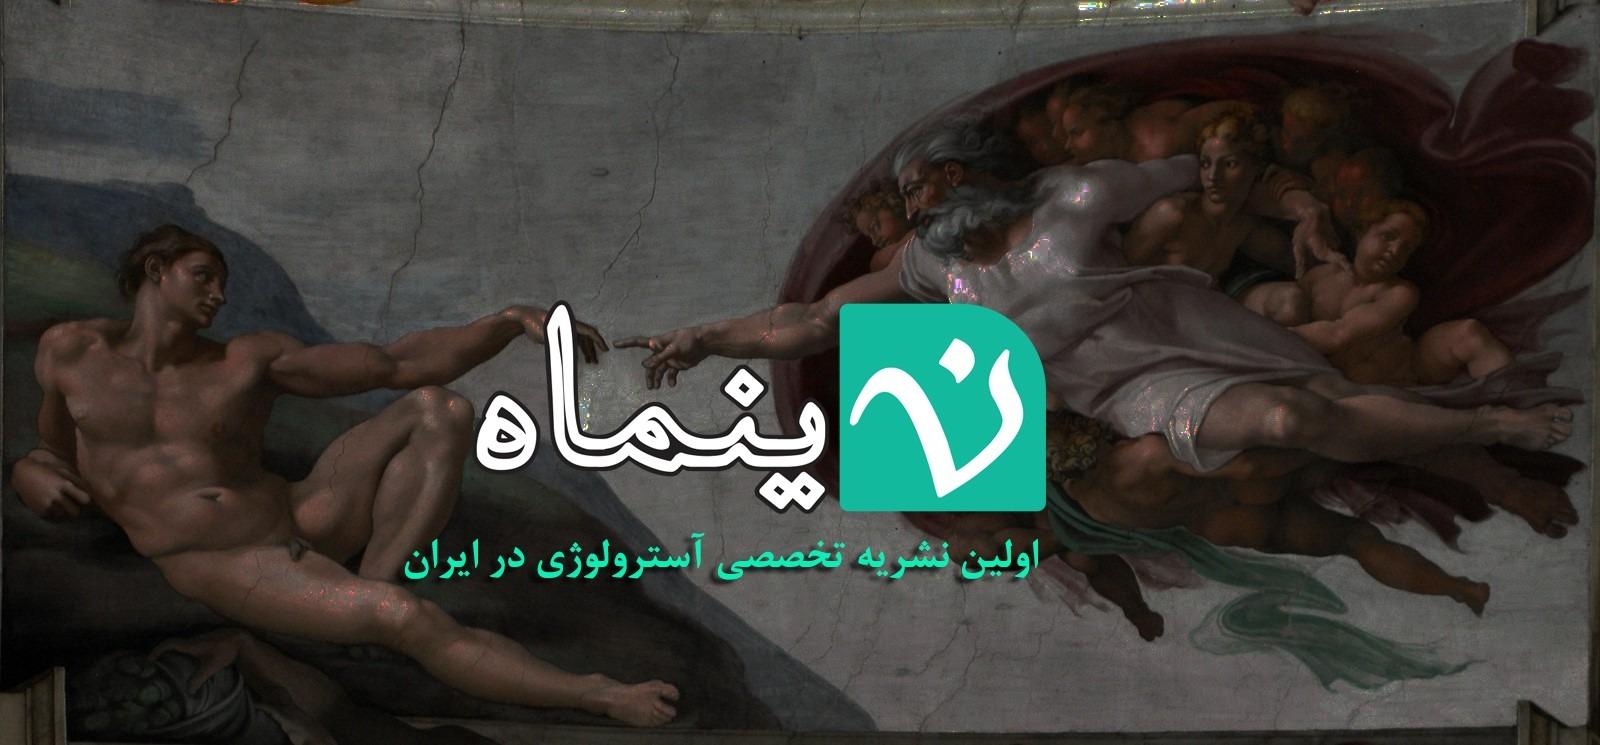 نینماه - اولین نشریه تخصصی آسترولوژی در ایران